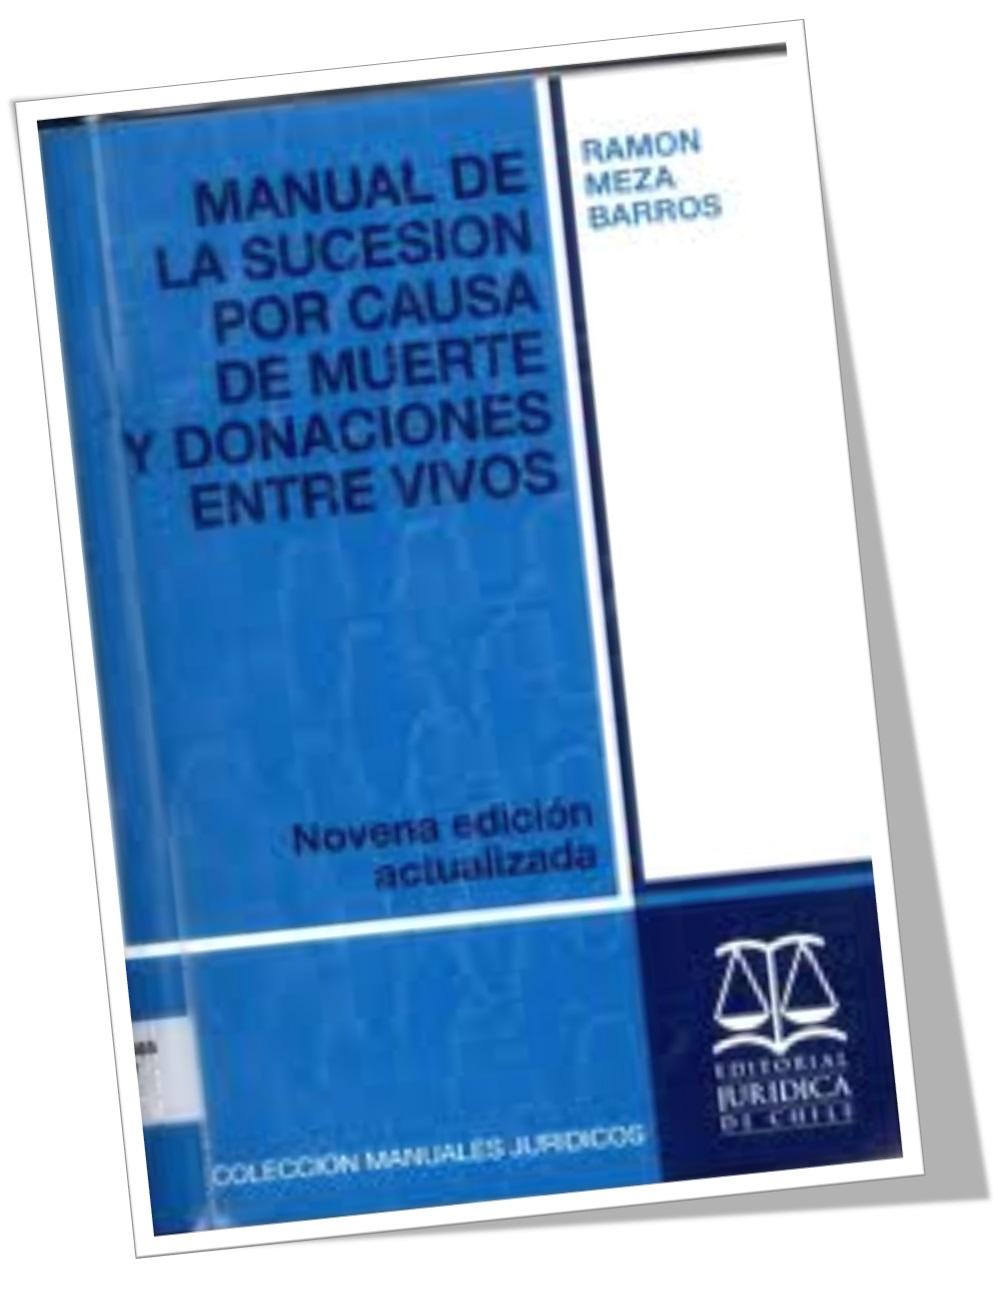 Economia descargar libros gratis en pdf y doc personal blog for Manual de muebleria pdf gratis